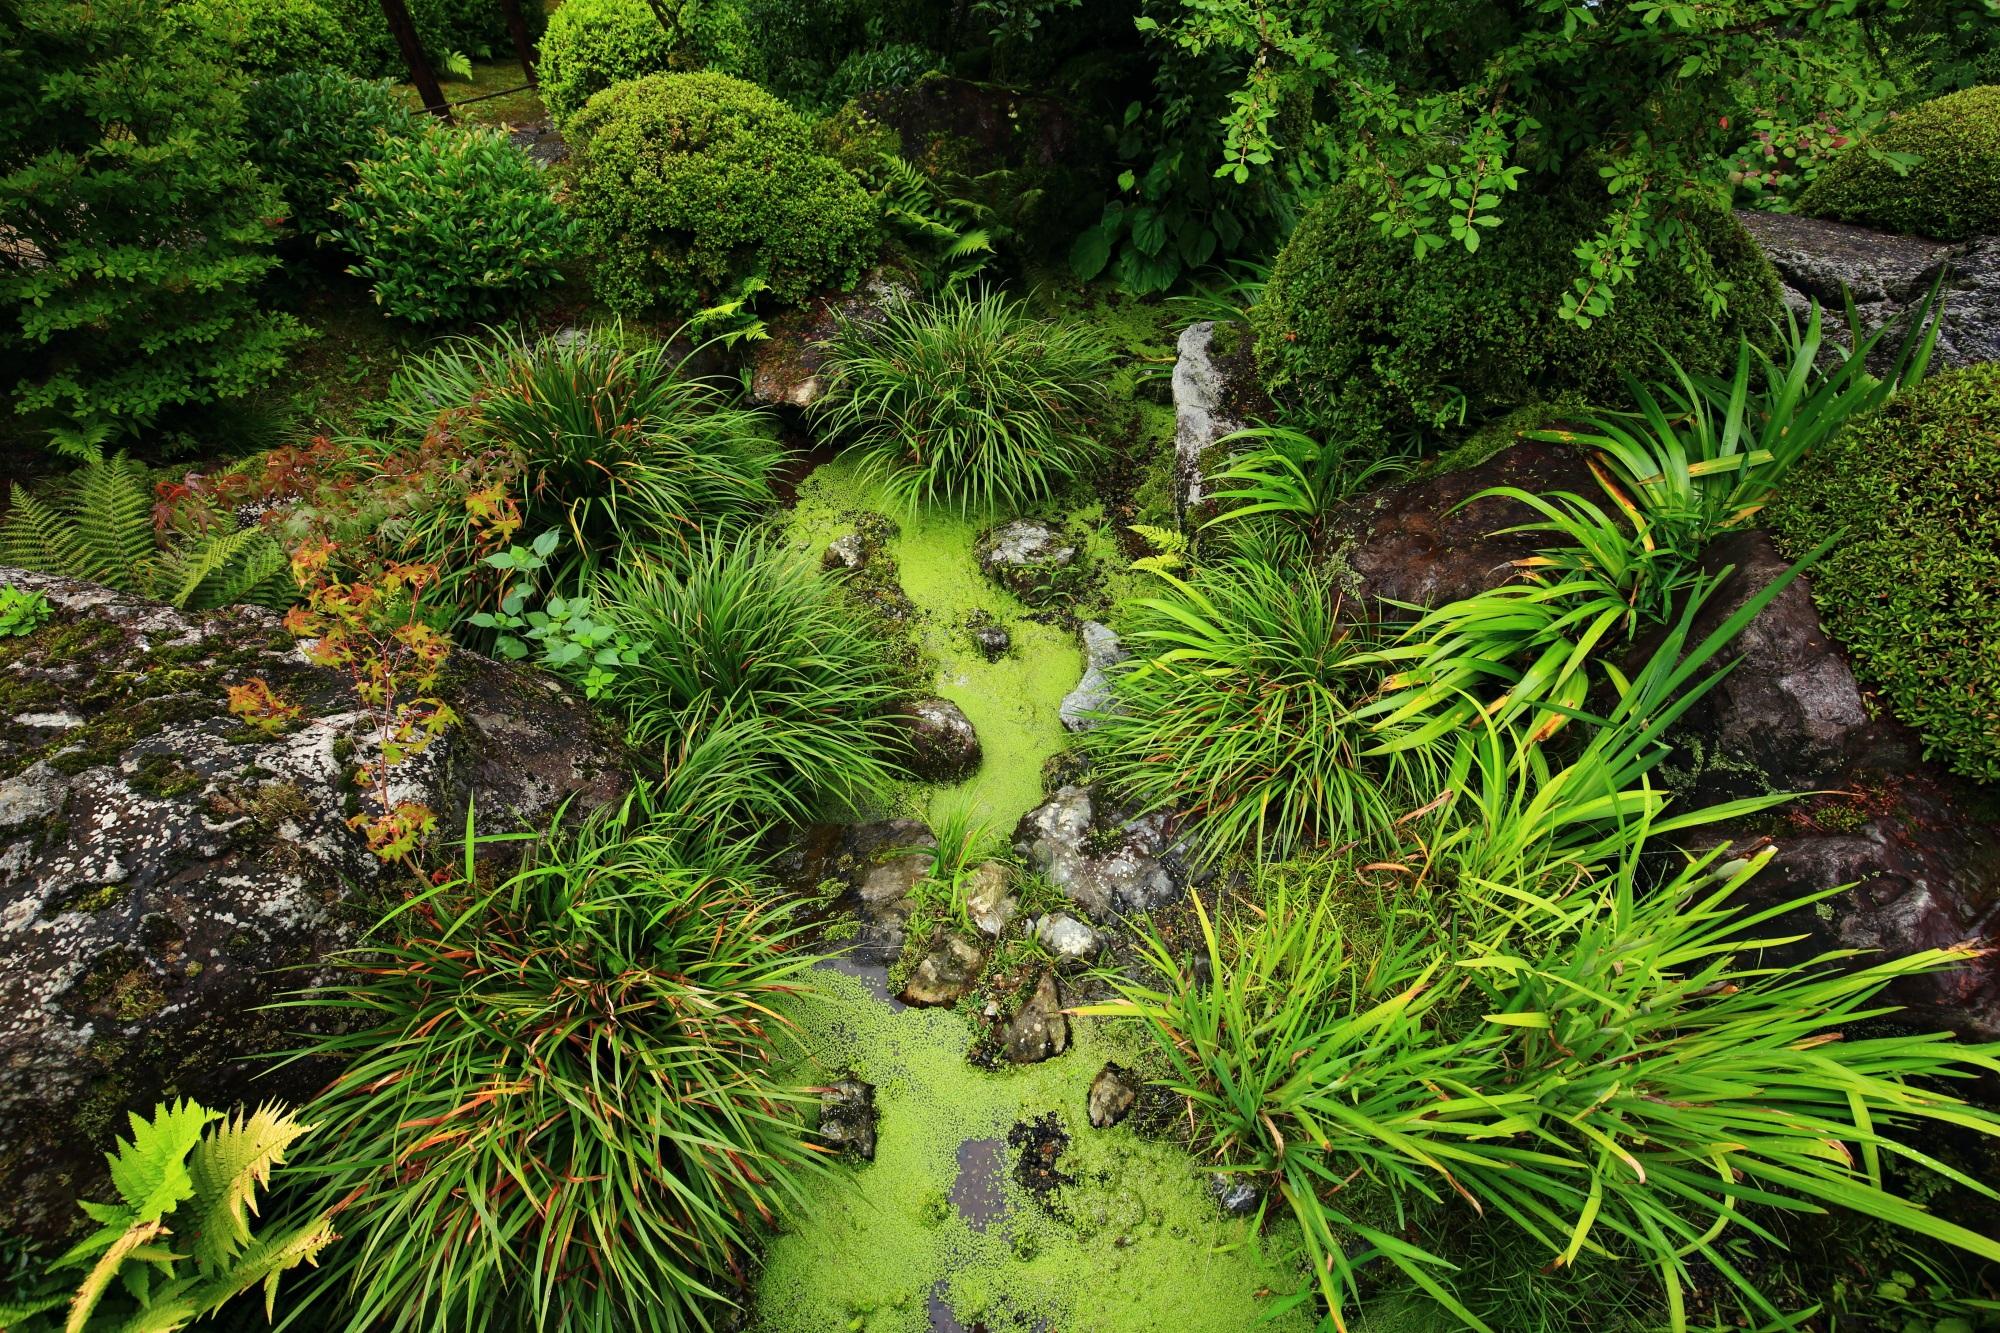 早朝の雨によって美しさを引き立てられた池泉式庭園の緑